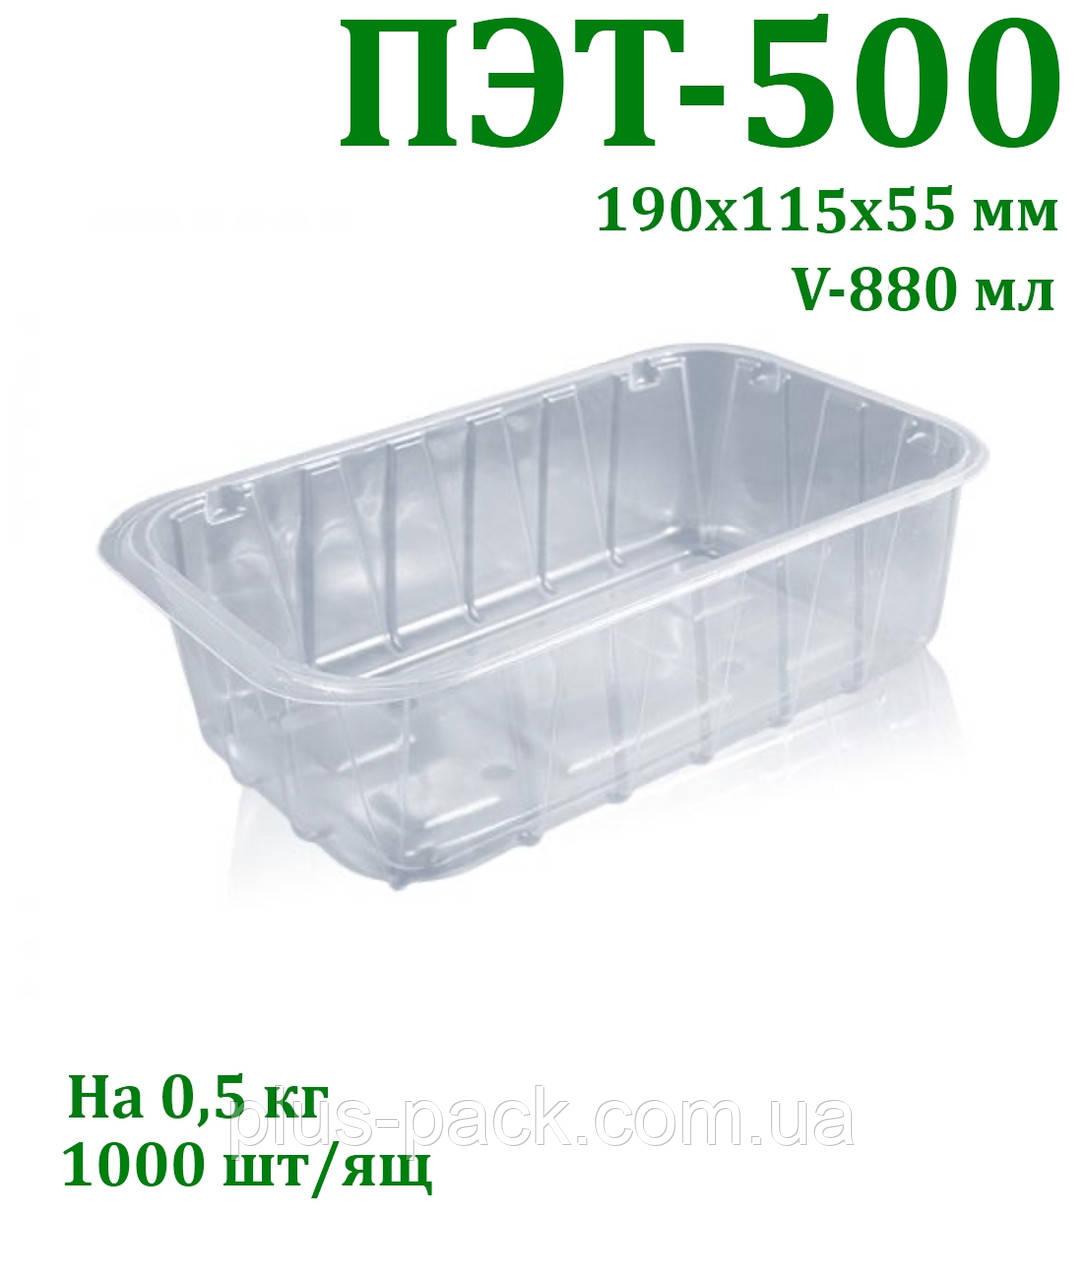 Одноразовая упаковка для малины 0,5кг 1000шт/ящ